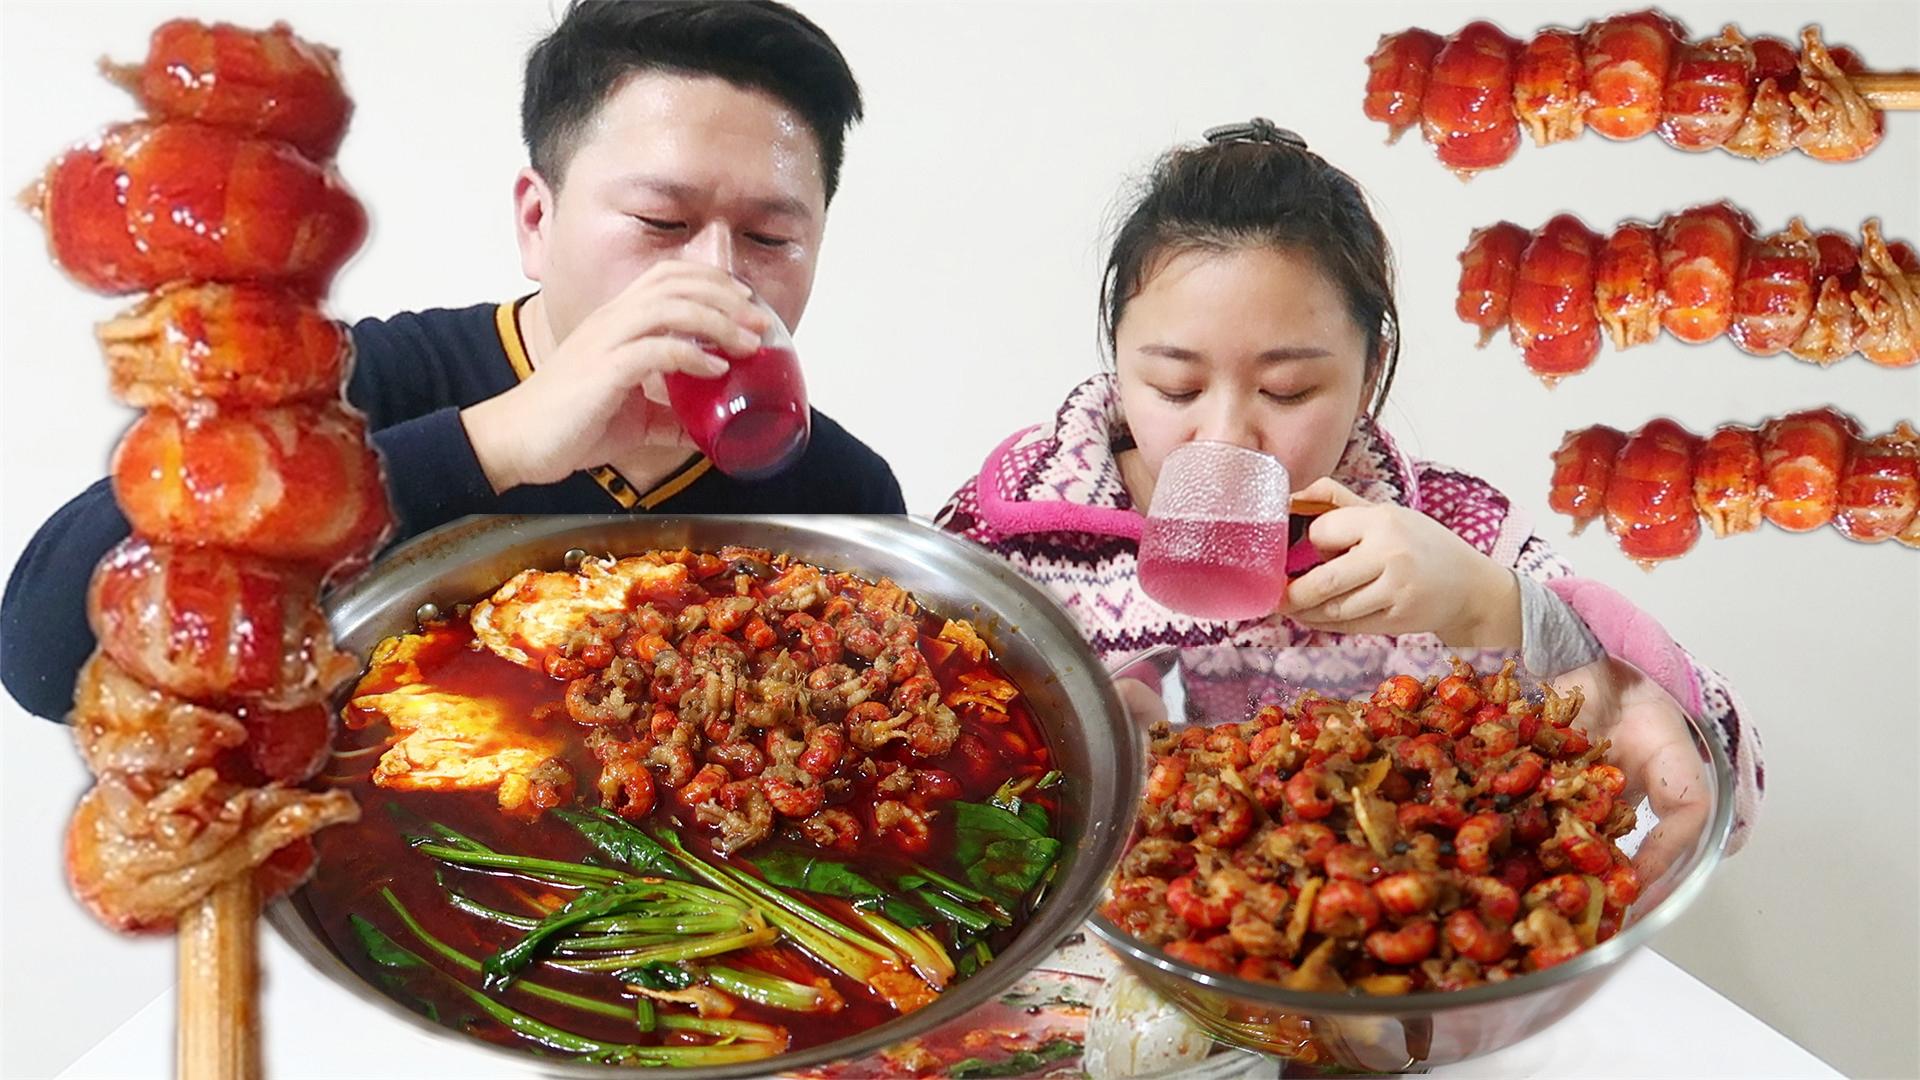 爸妈趁孩子睡着偷吃,10斤龙虾2包螺蛳粉,夫妻喝点酒,吃完真爽